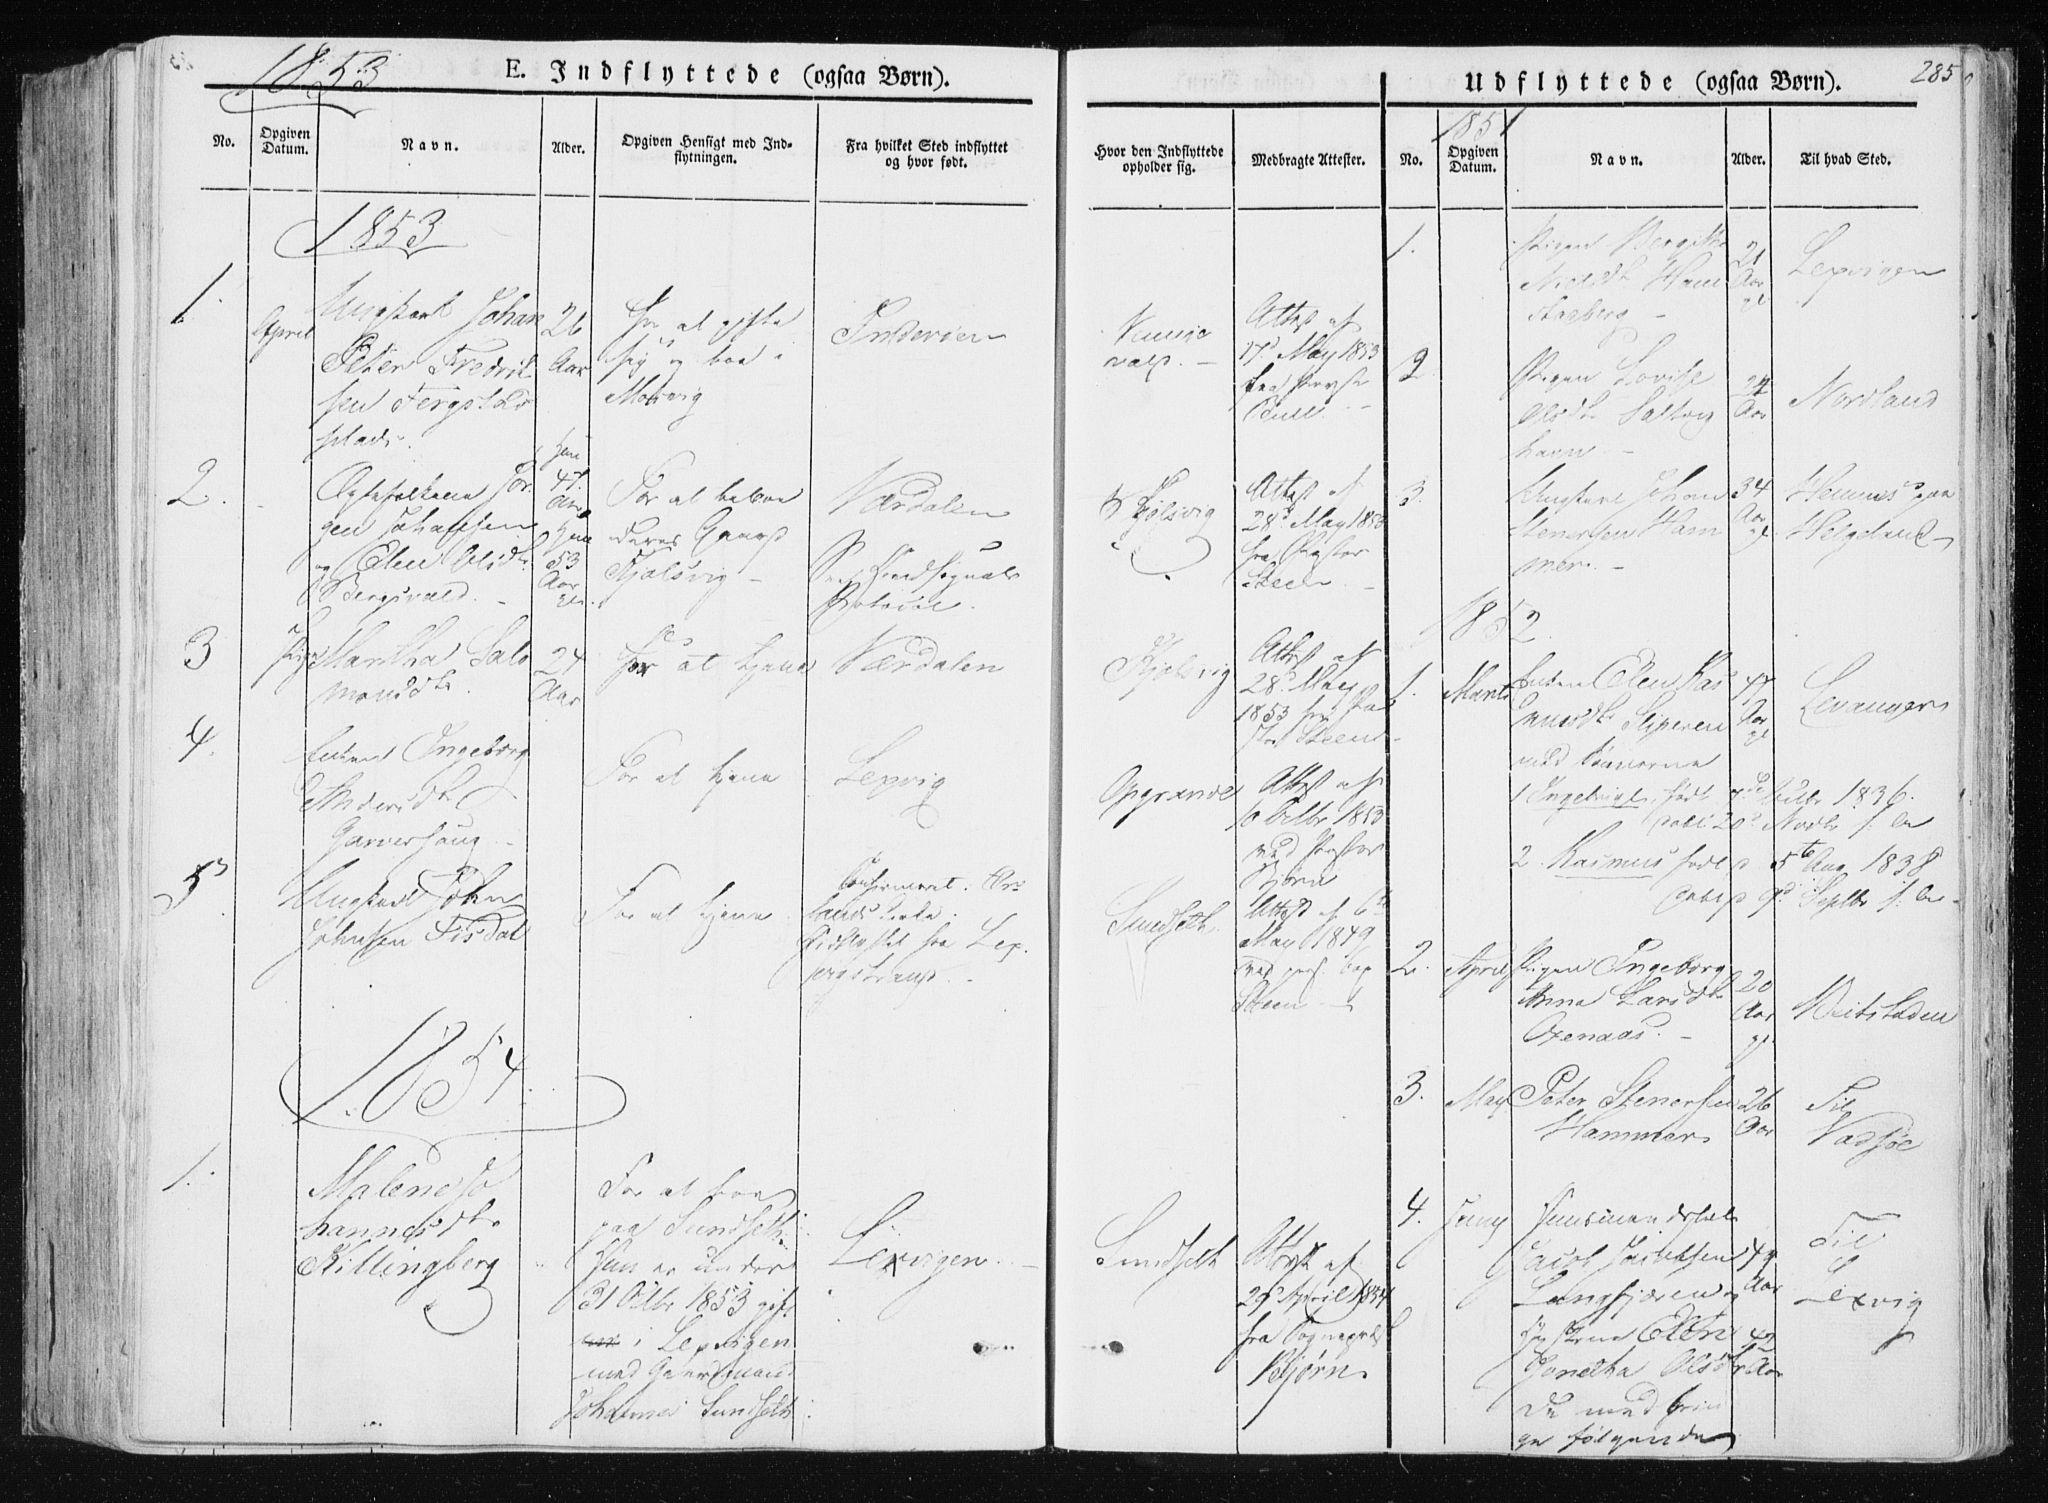 SAT, Ministerialprotokoller, klokkerbøker og fødselsregistre - Nord-Trøndelag, 733/L0323: Ministerialbok nr. 733A02, 1843-1870, s. 285